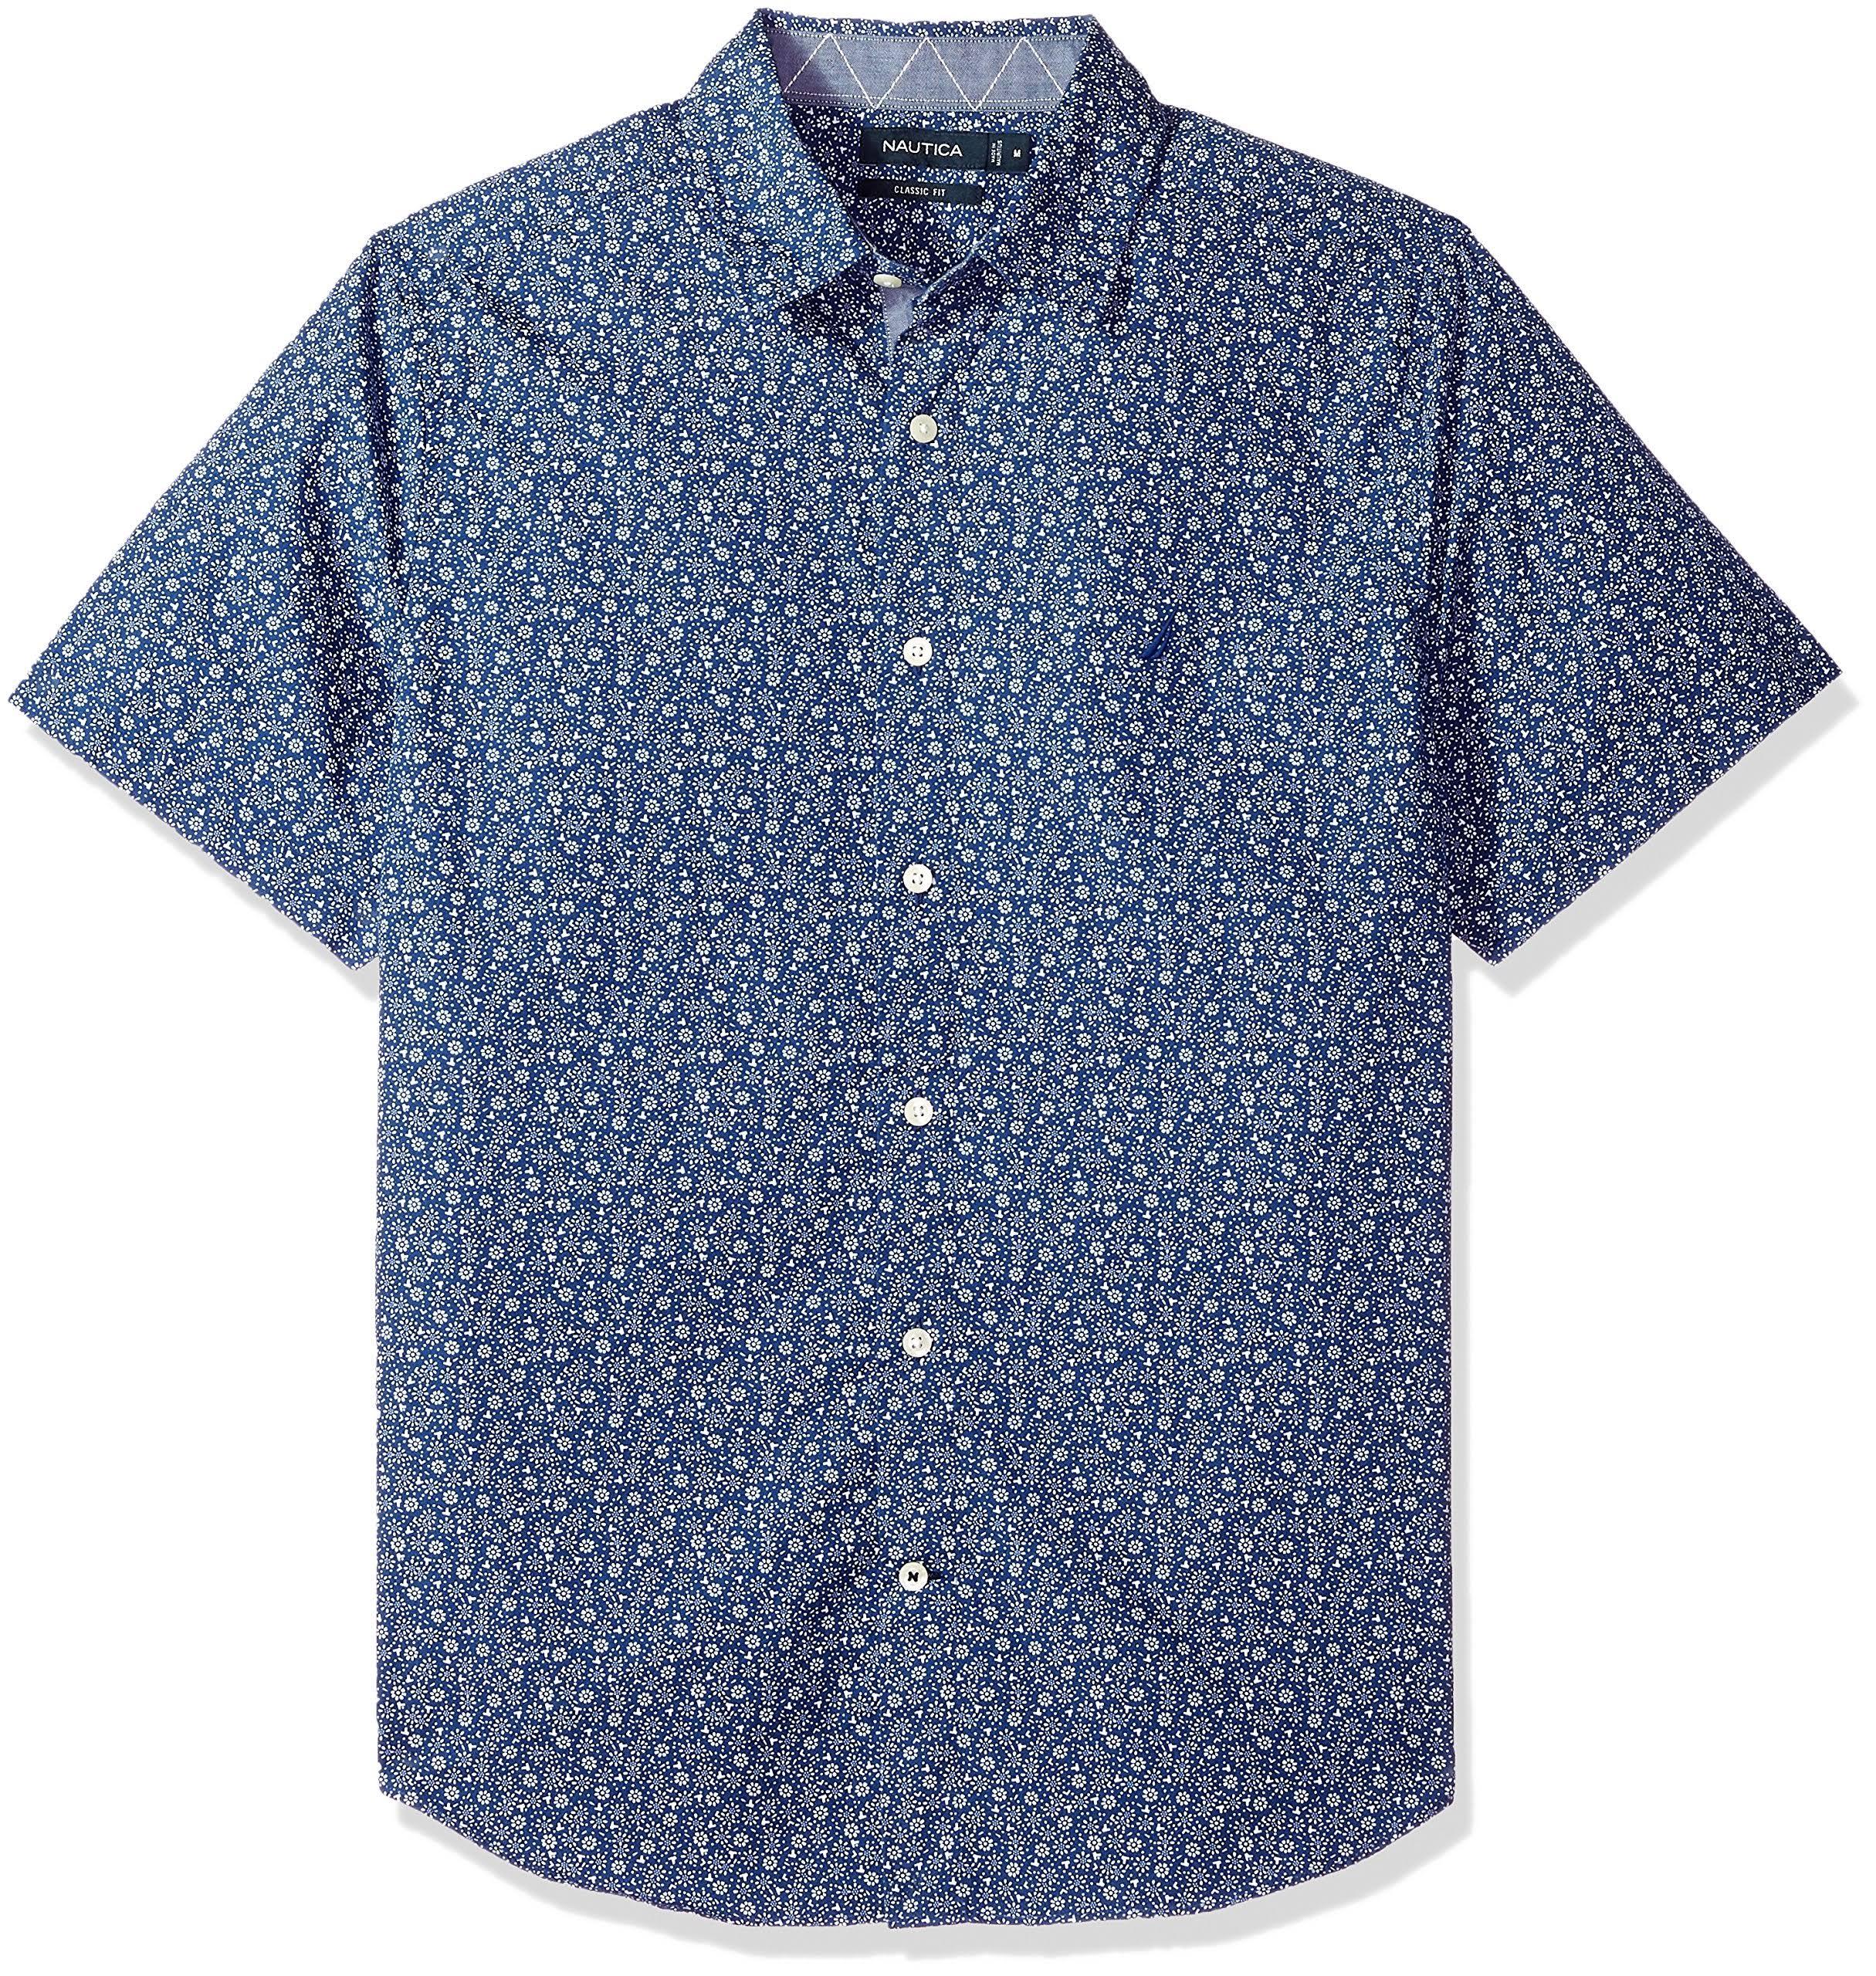 Azules Profundidades Con Para Nautica Botones Hombre Exclusivo Estampado De Manga Corta Y Camisa qPS7pwp